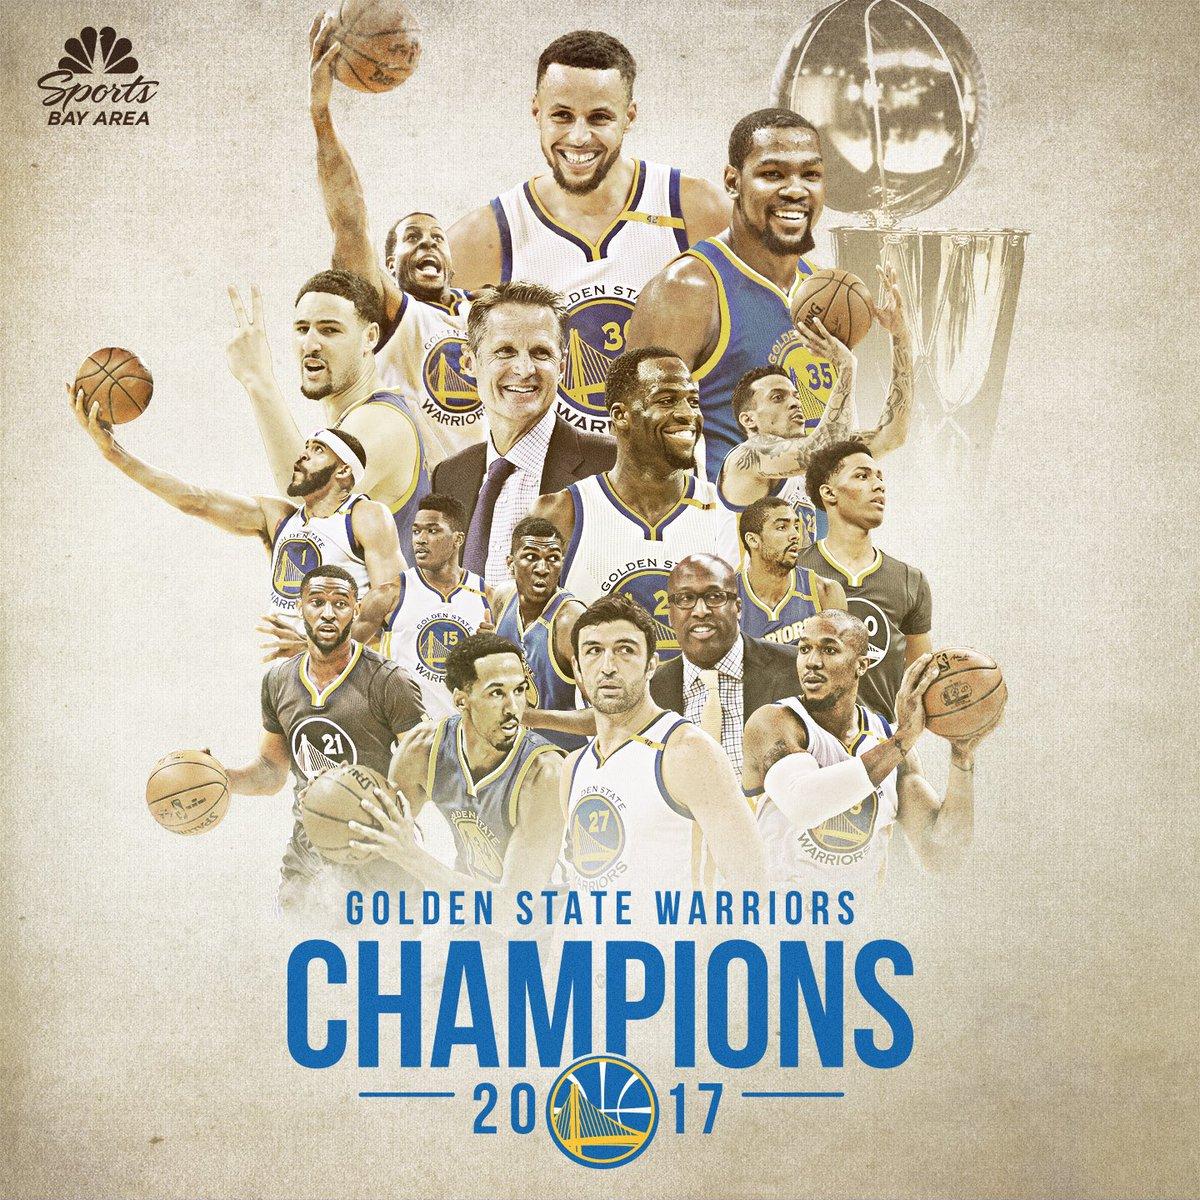 Golden State Warriors 2017 Champions 2621226 Hd Wallpaper